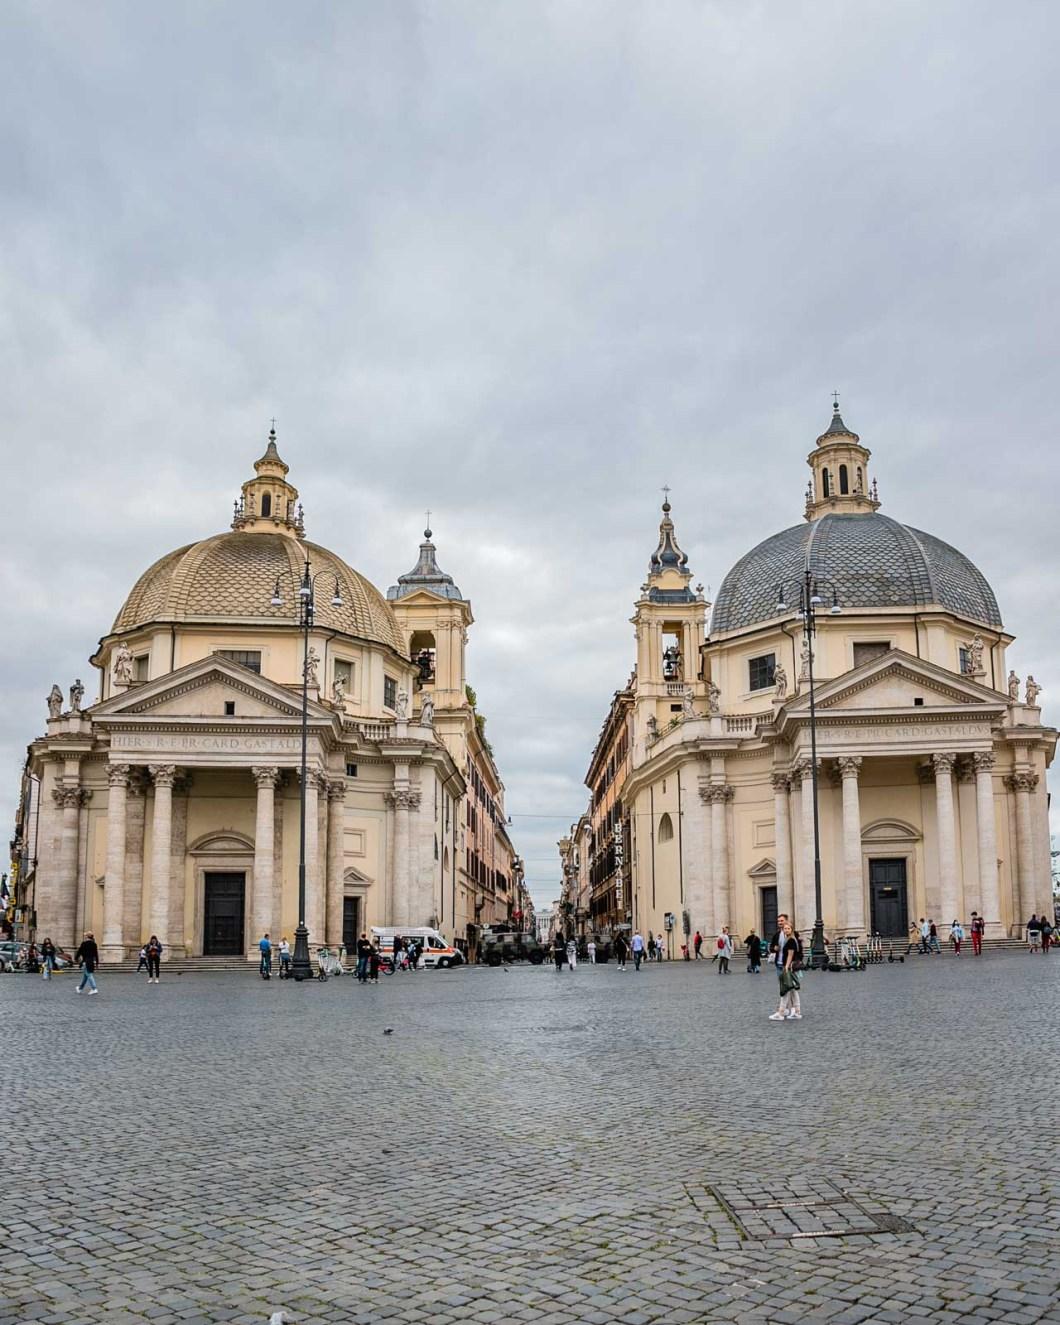 Twin churches of Santa Maria dei Miracoli and Santa Maria in Montesanto in Piazza del Popolo in Rome